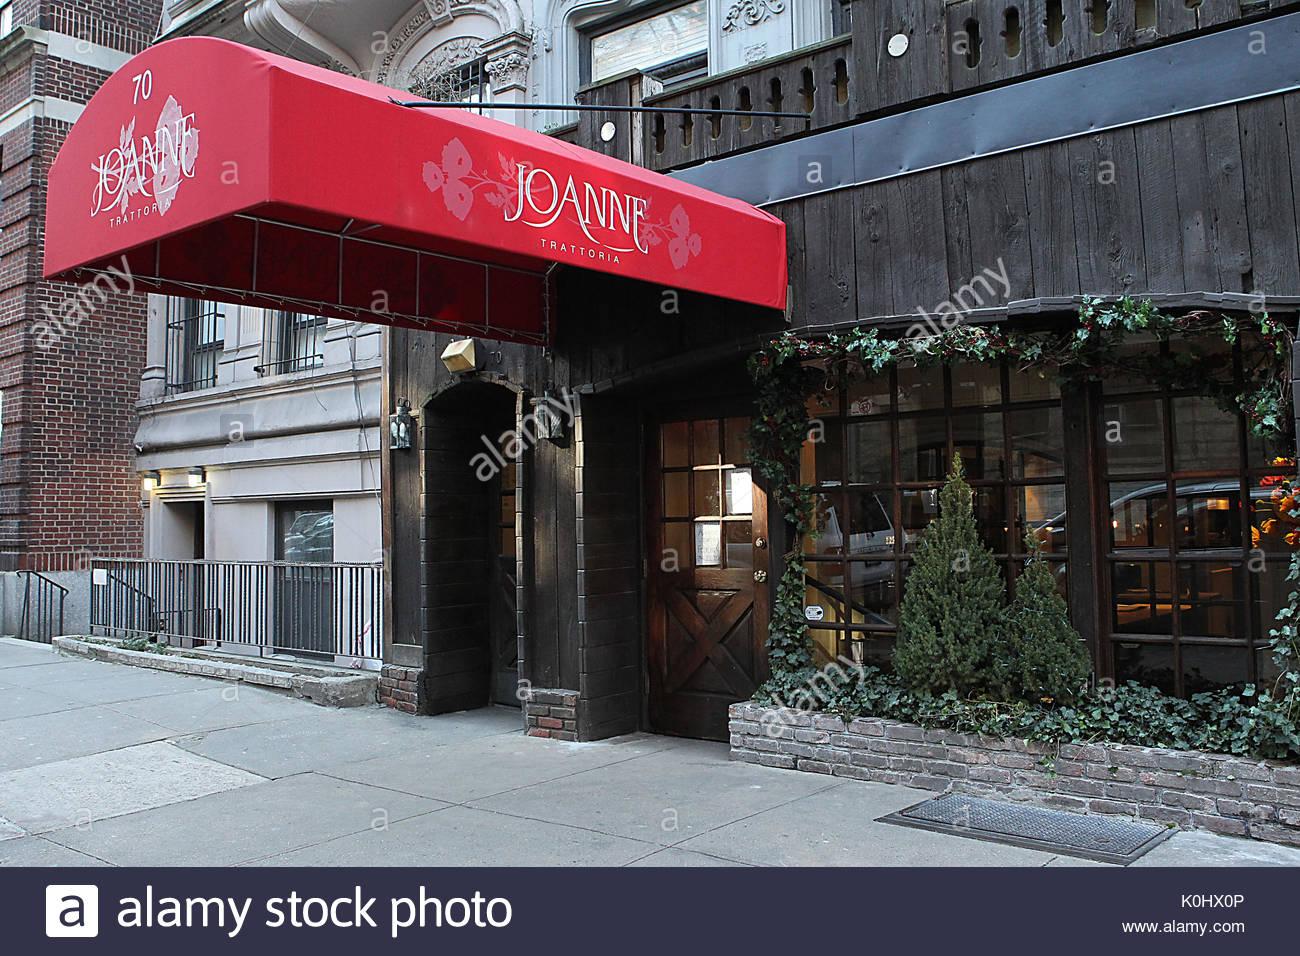 Joannes Restaurant In New York